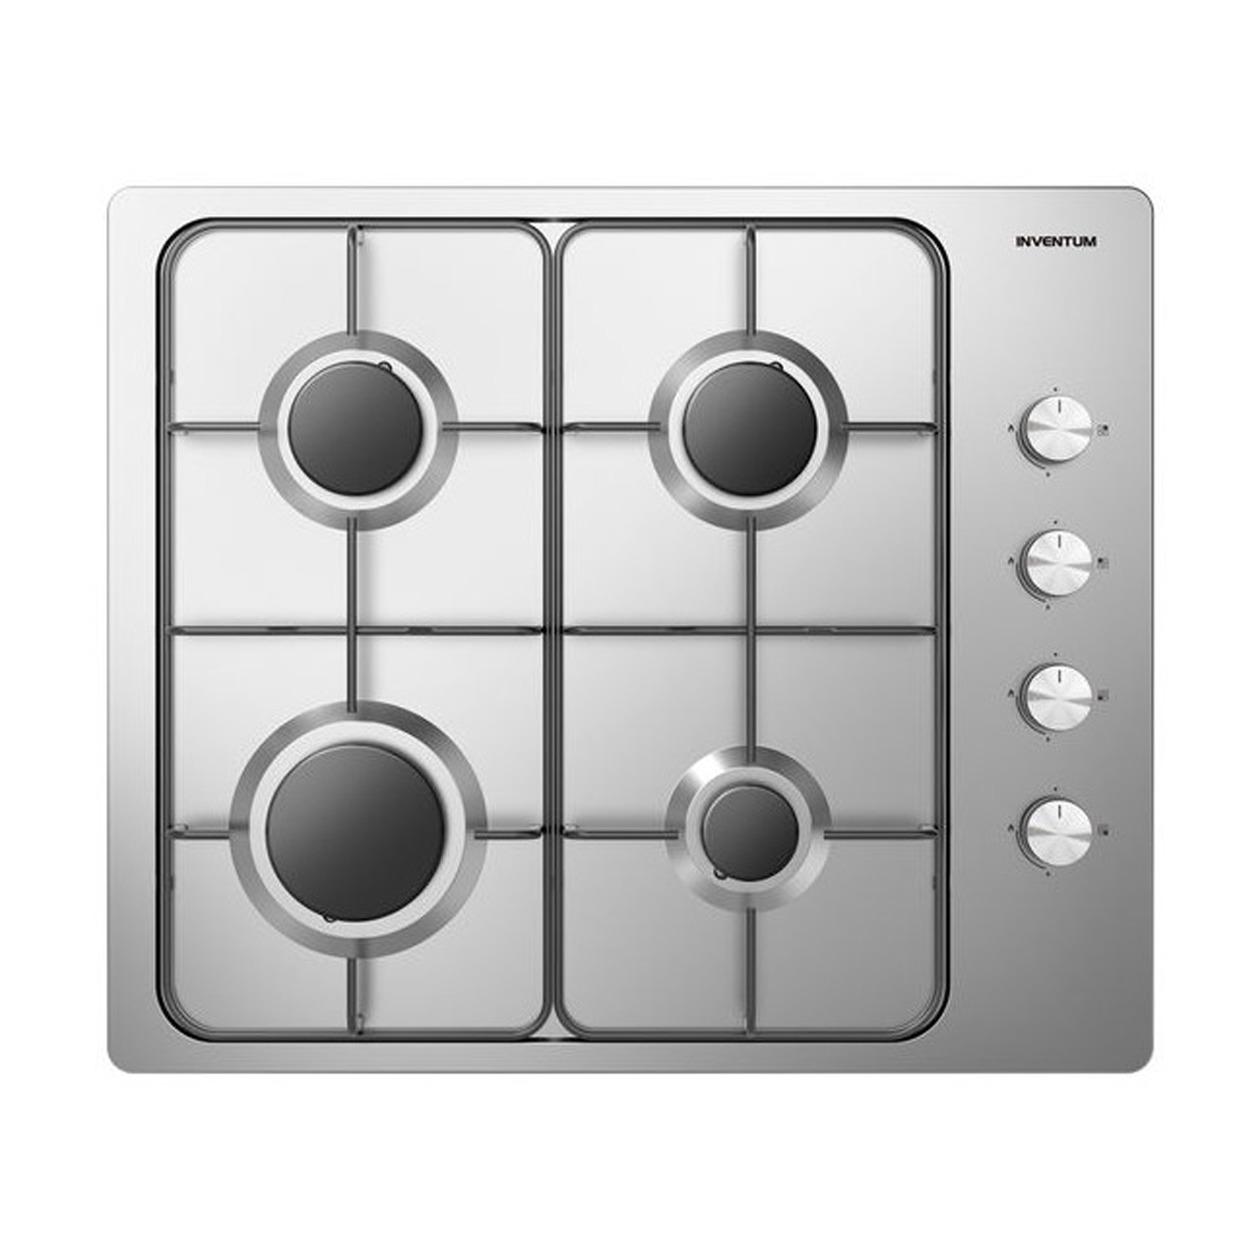 Inventum IKG6011 gas inbouwkookplaat